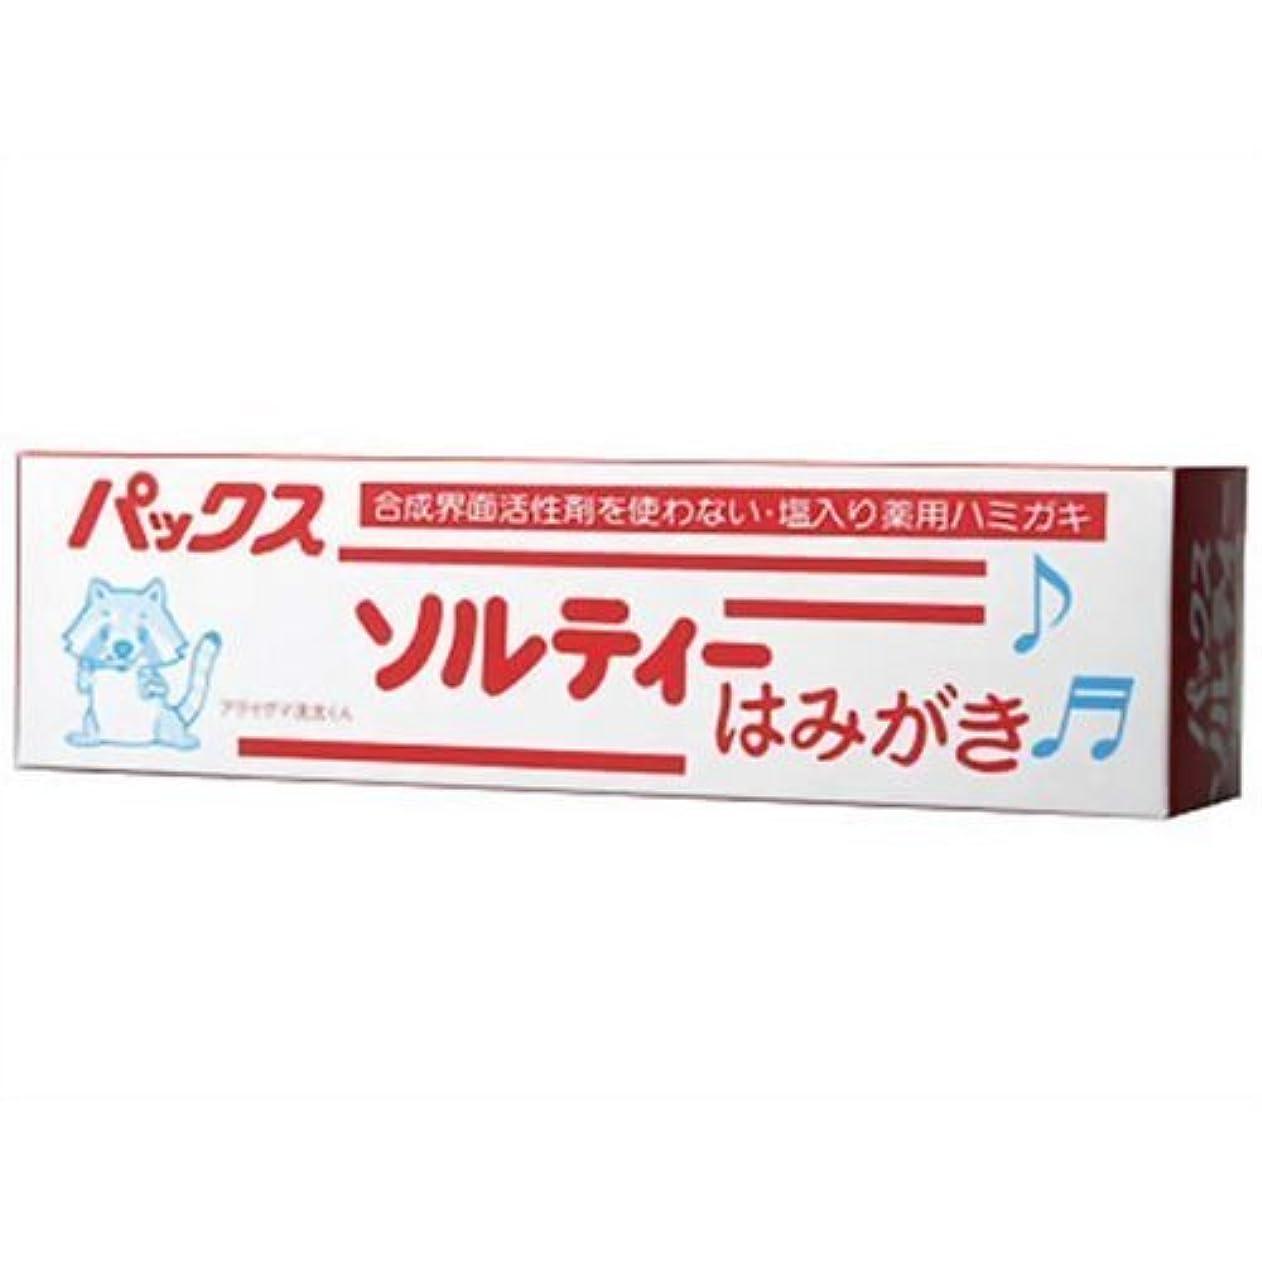 決定息切れシーボードパックスソルティーはみがき 80g (塩歯磨き粉)